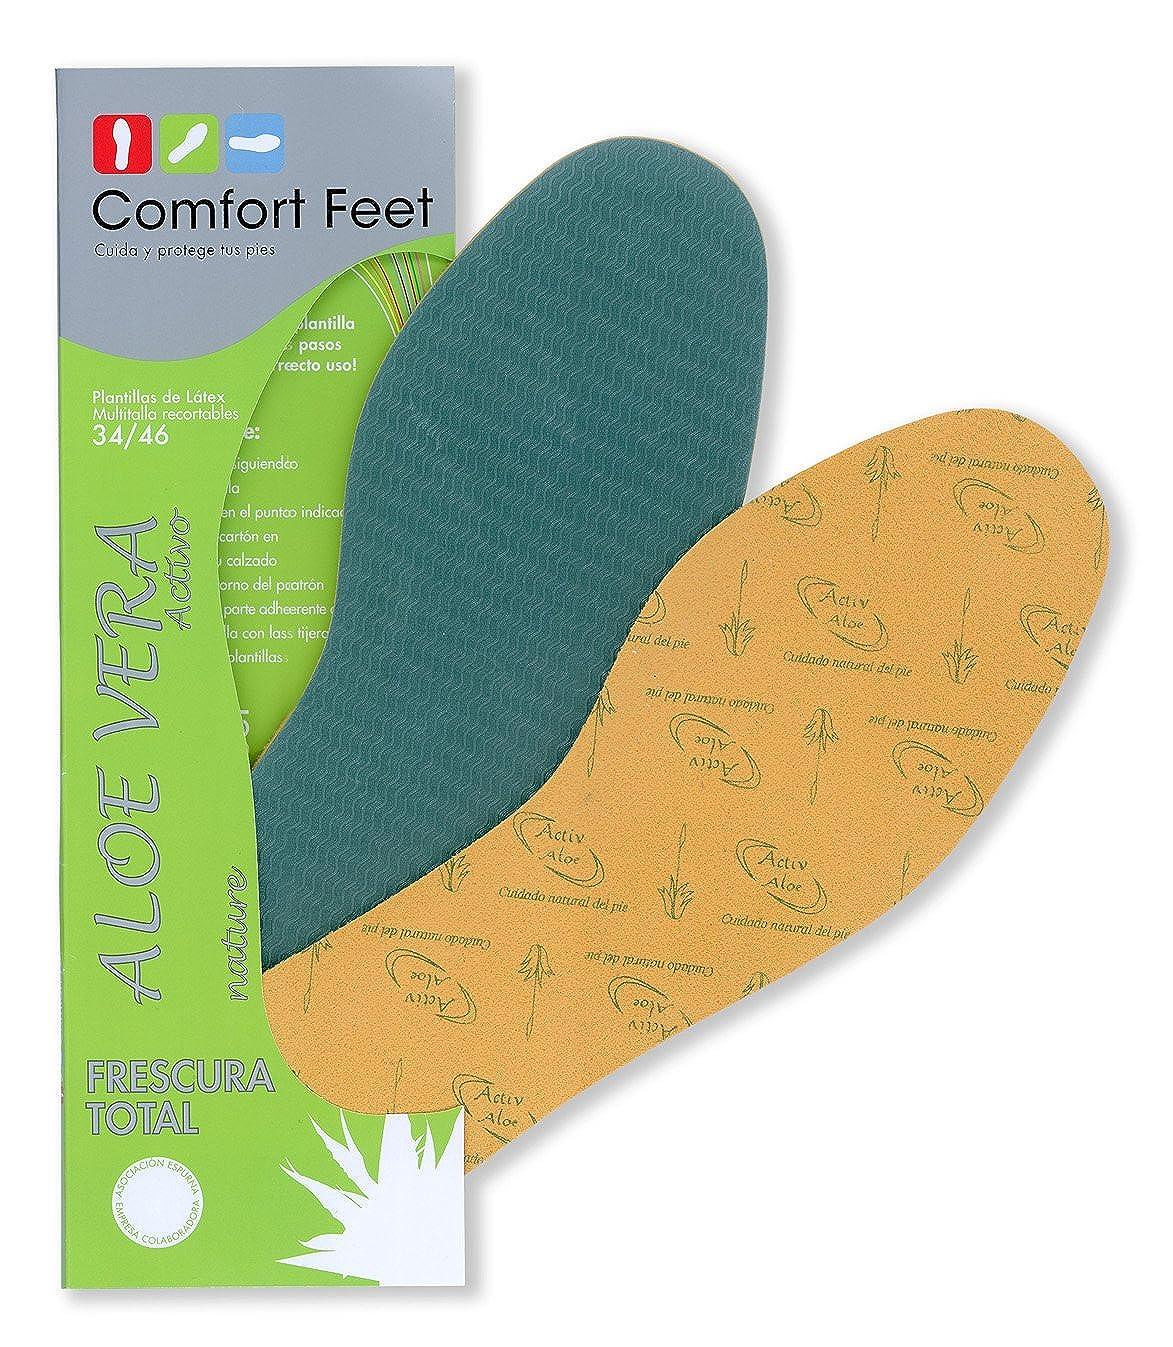 Comfortfeet Plantilla Multitalla con Tratamiento de Aloe Vera proporcionando Una Sensación de frescor. (Basic) I37nE65